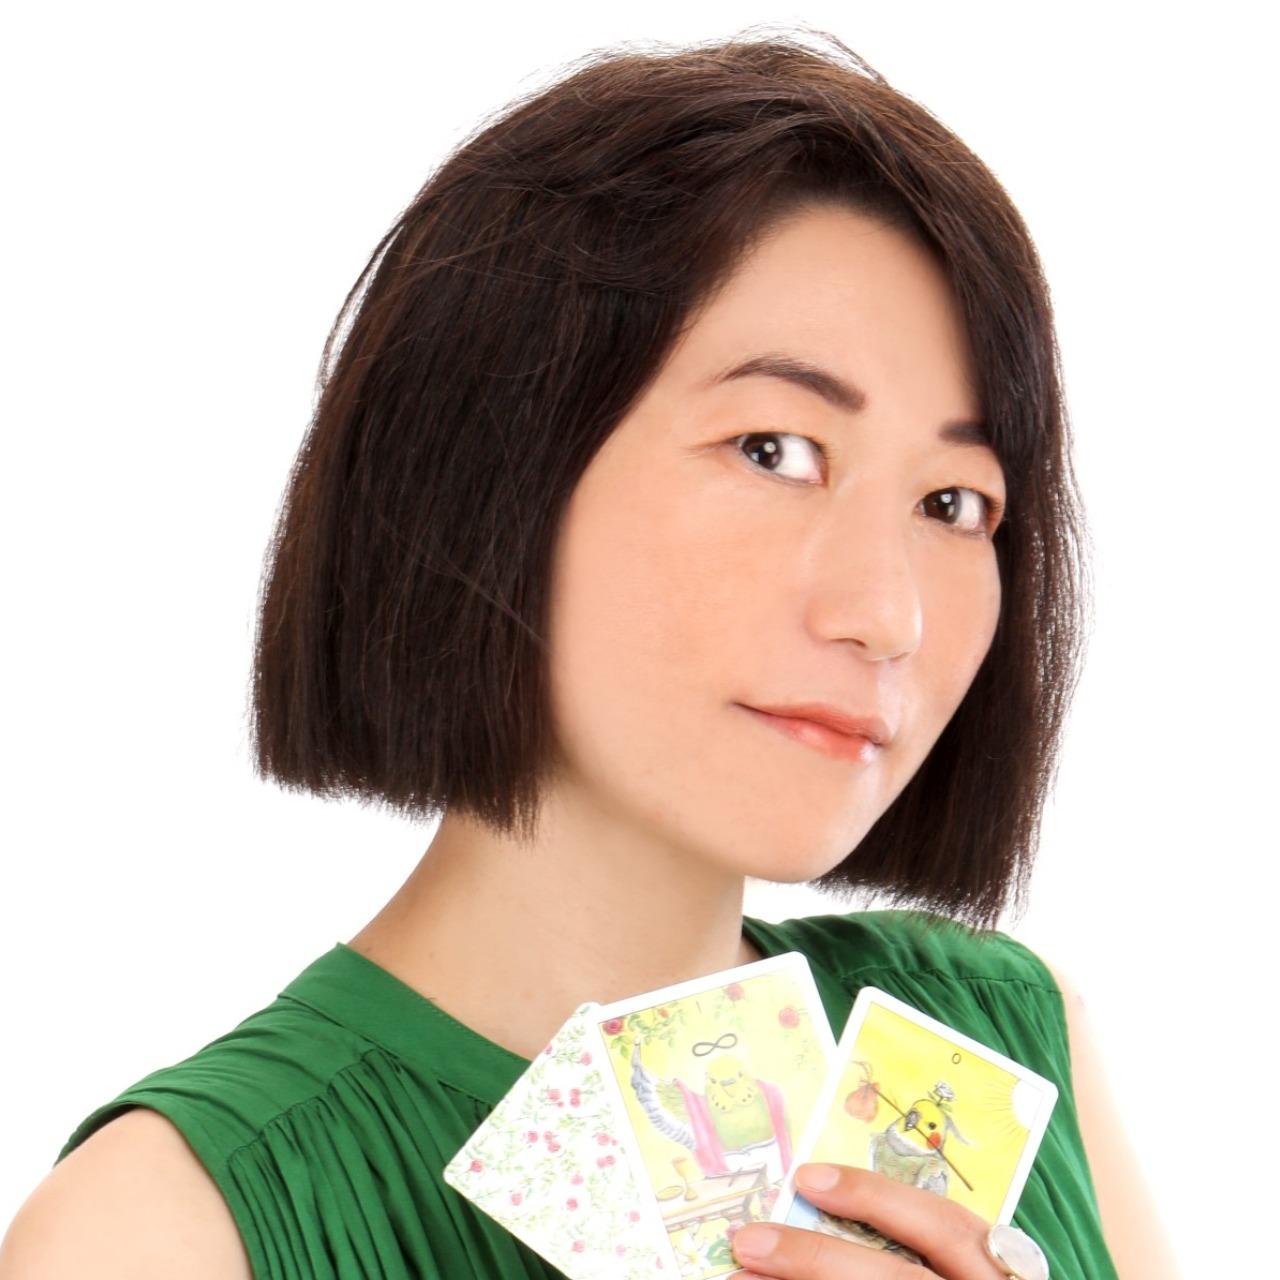 東京・渋谷占いなら、占い館BCAFE(ビーカフェ)渋谷店。毎週月曜日は、葉月蒼先生が担当しています。店舗での対面鑑定はもちろん、オンライン占い(リモート占い)でも予約受付中!